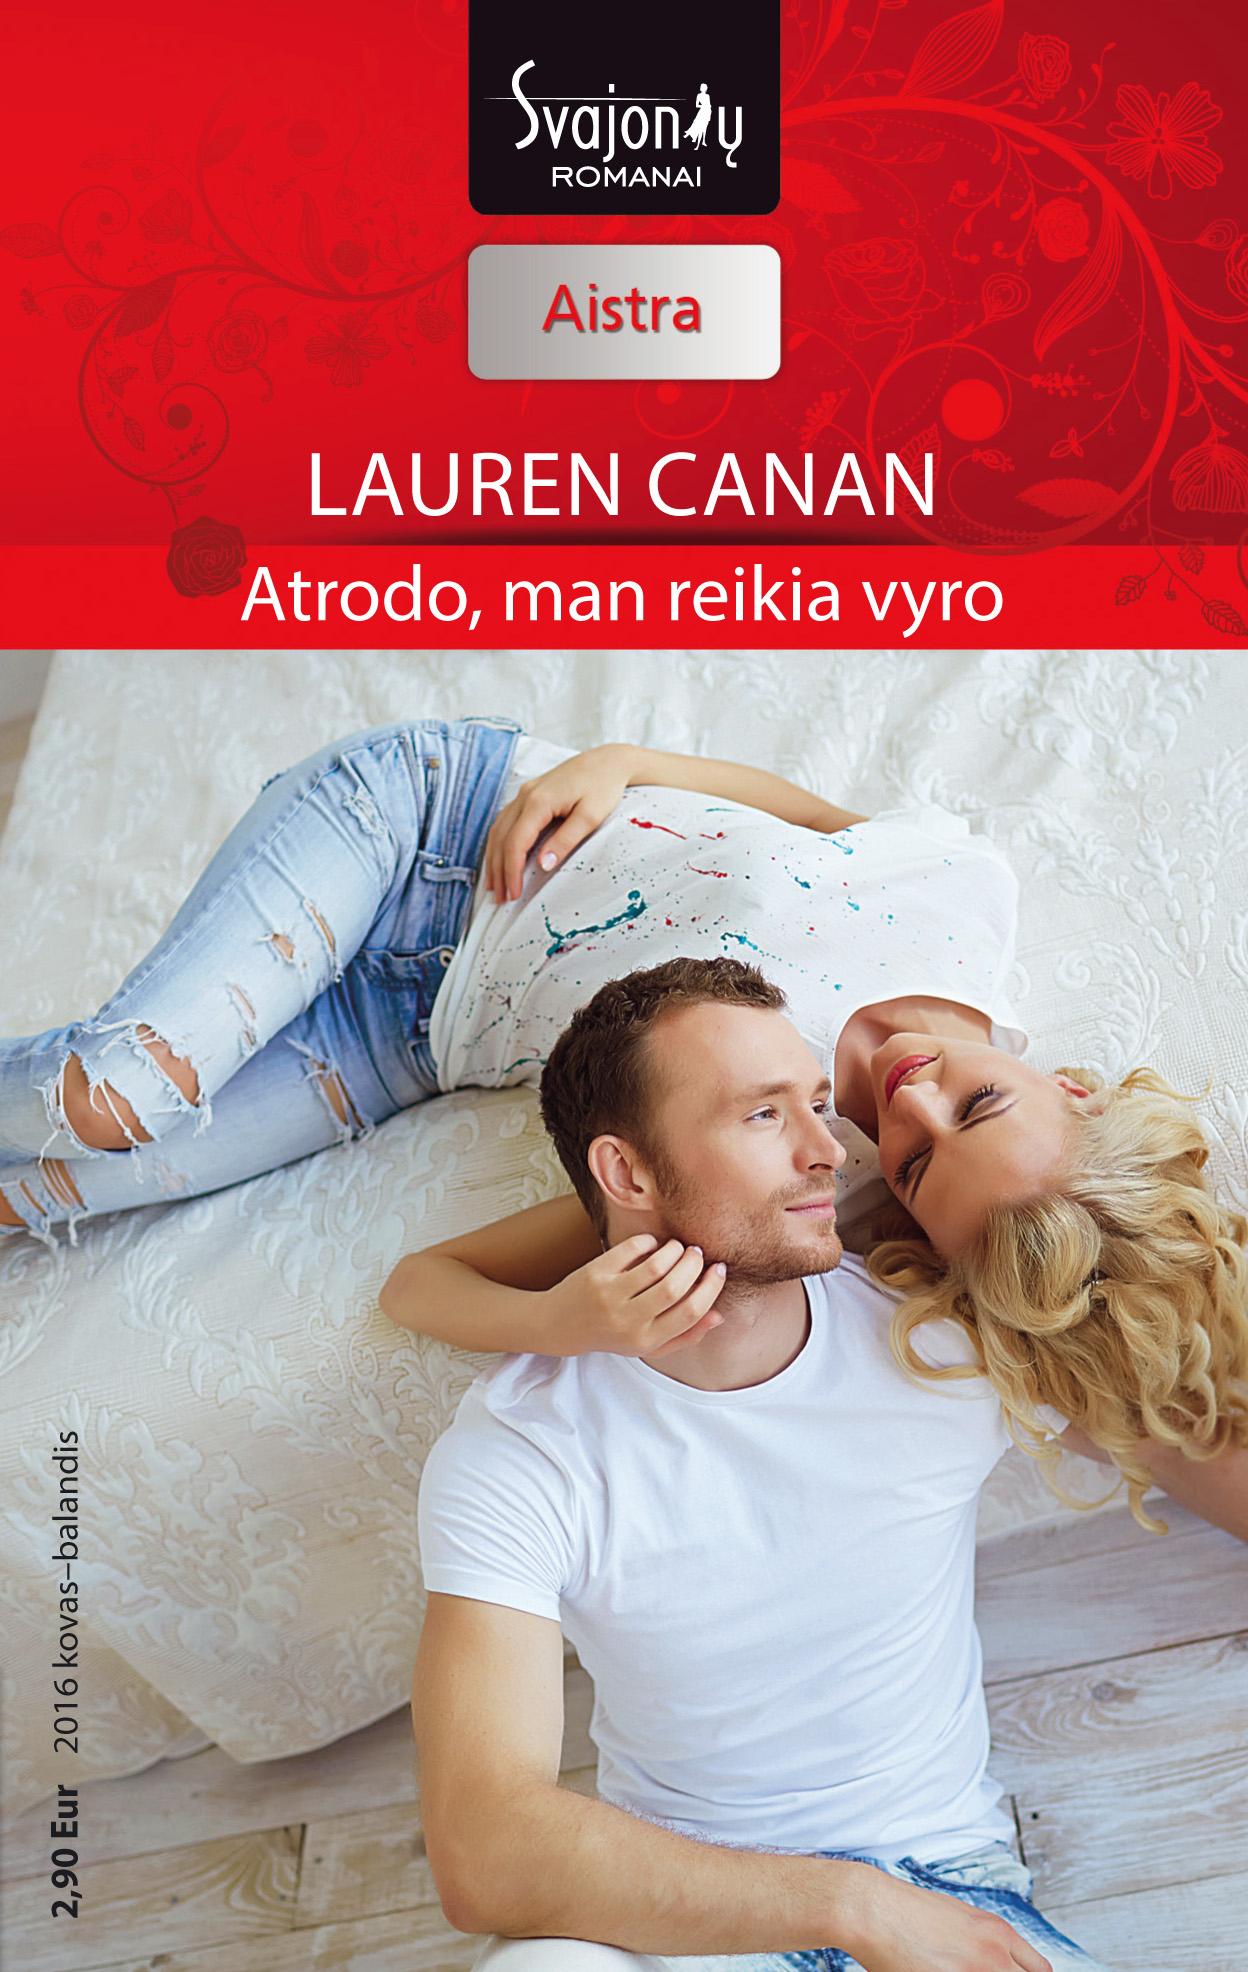 Lauren Canan Atrodo, man reikia vyro vitaite vykinte tegul bus taip